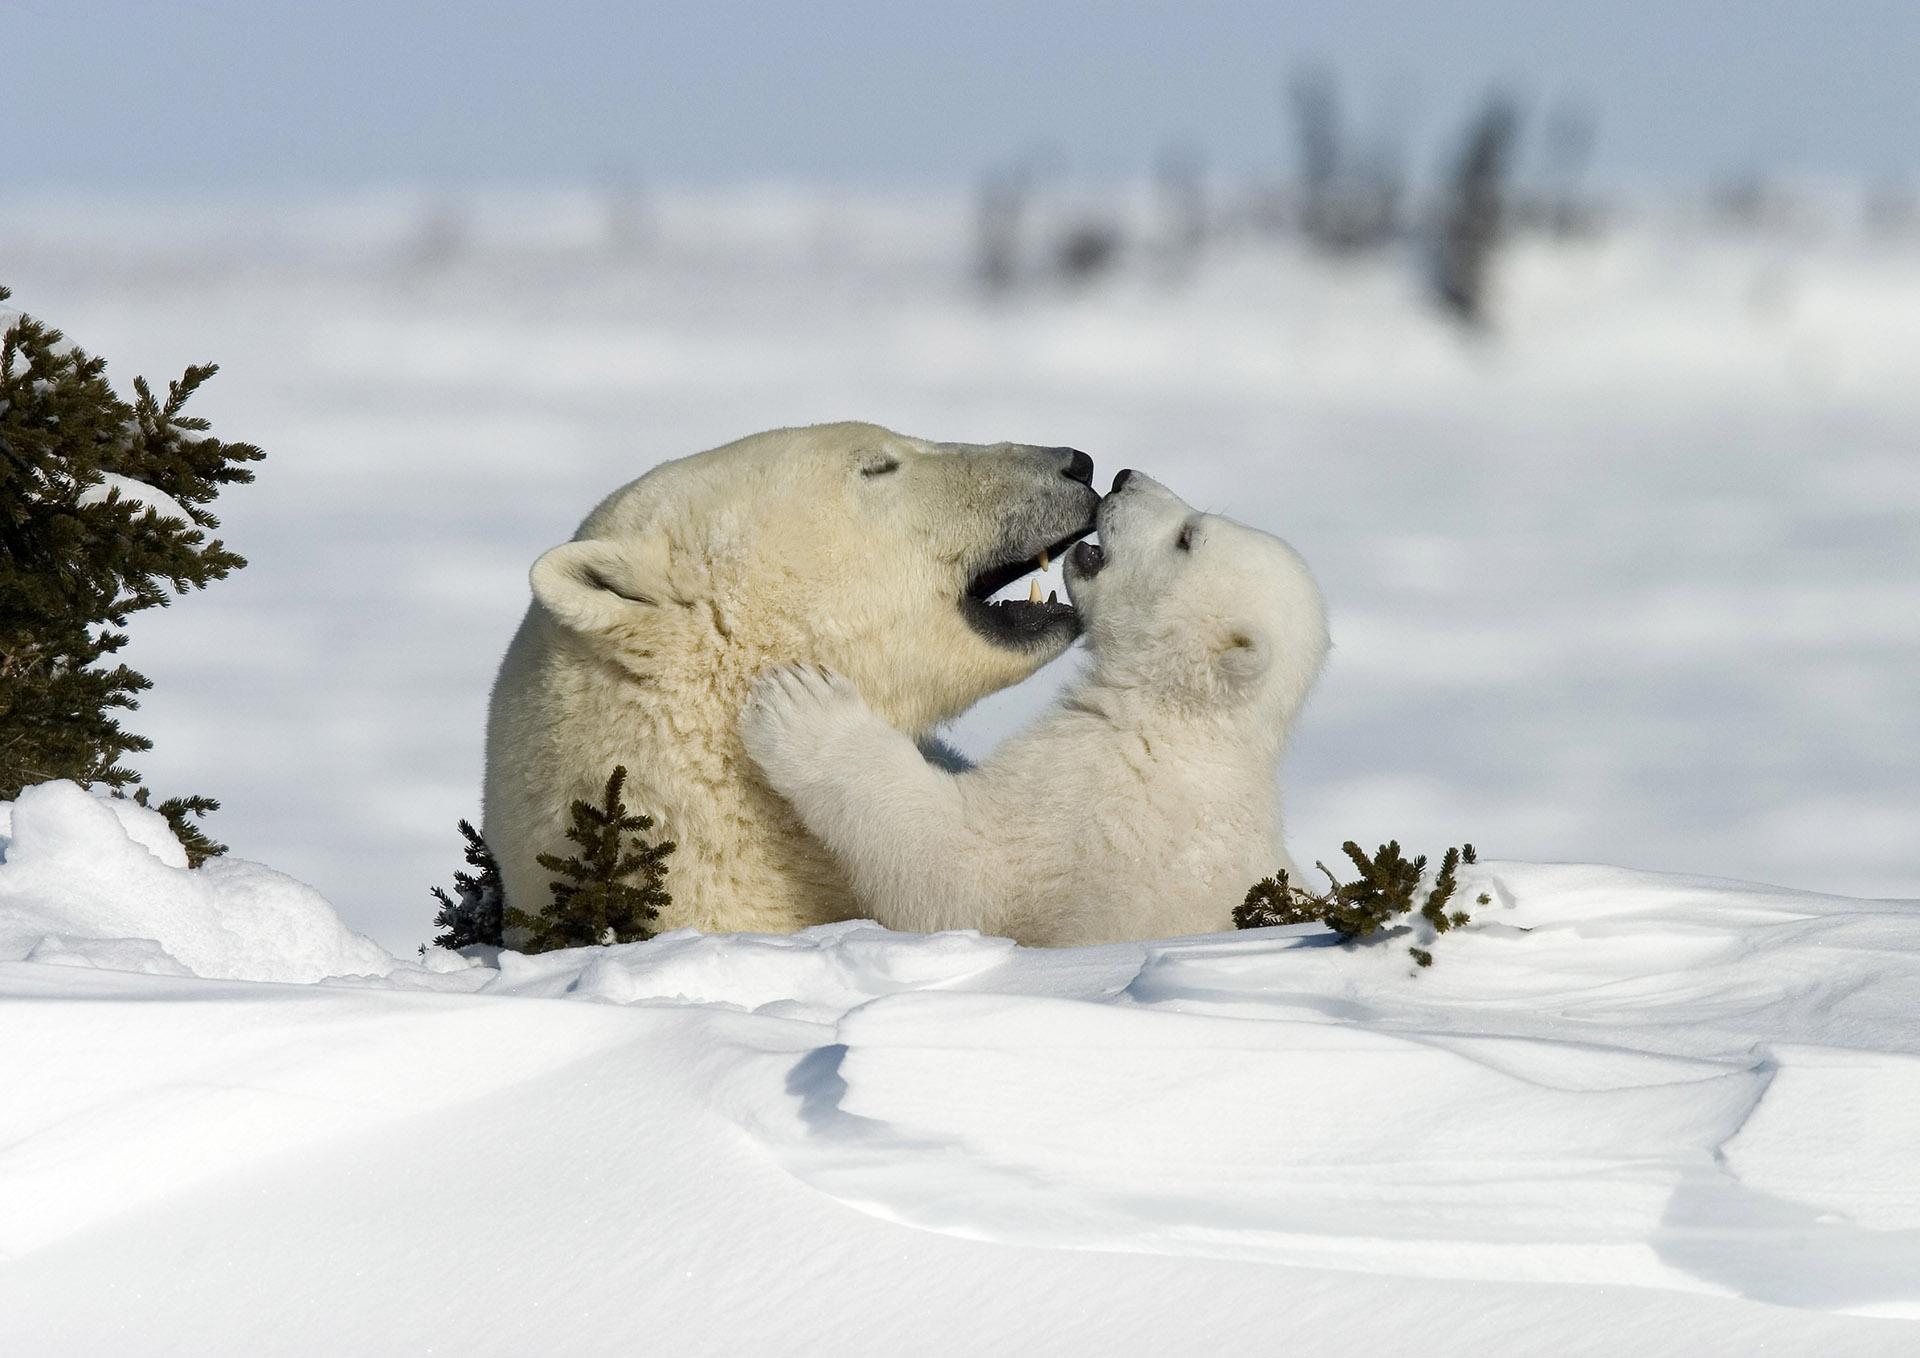 Für junge Eisbären ist fehlendes Eis besonders bedrohlich, da sie nicht so viele Reserven besitzen © Thorsten Milse